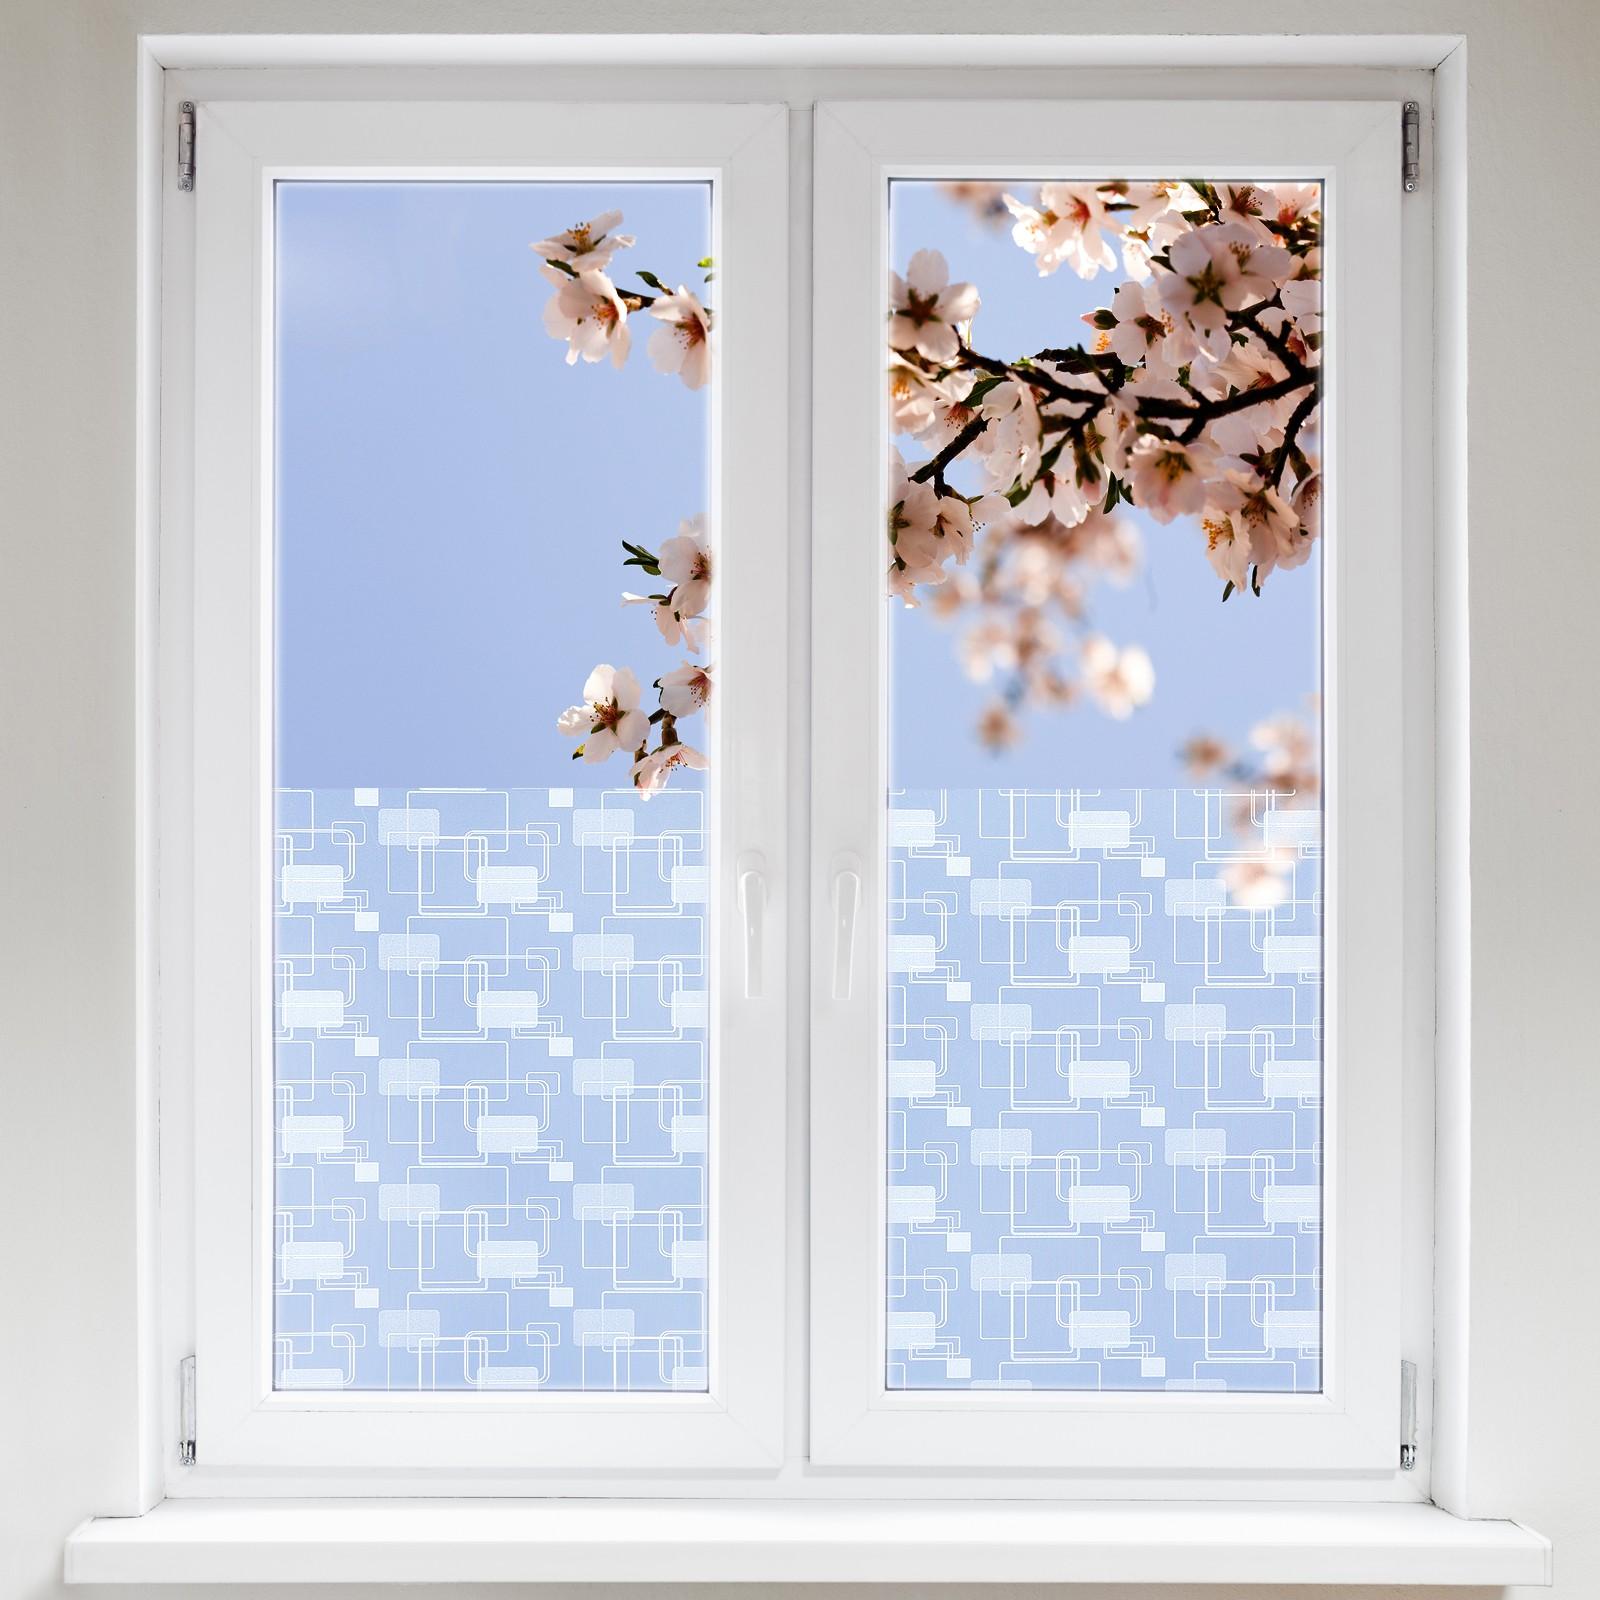 Full Size of Fenster Folie Retro Wei Daytonde Wärmeschutzfolie Sichtschutzfolie Einseitig Durchsichtig Aron Kbe Abdichten Sichern Gegen Einbruch Folien Für Weru Preise Fenster Fenster Folie